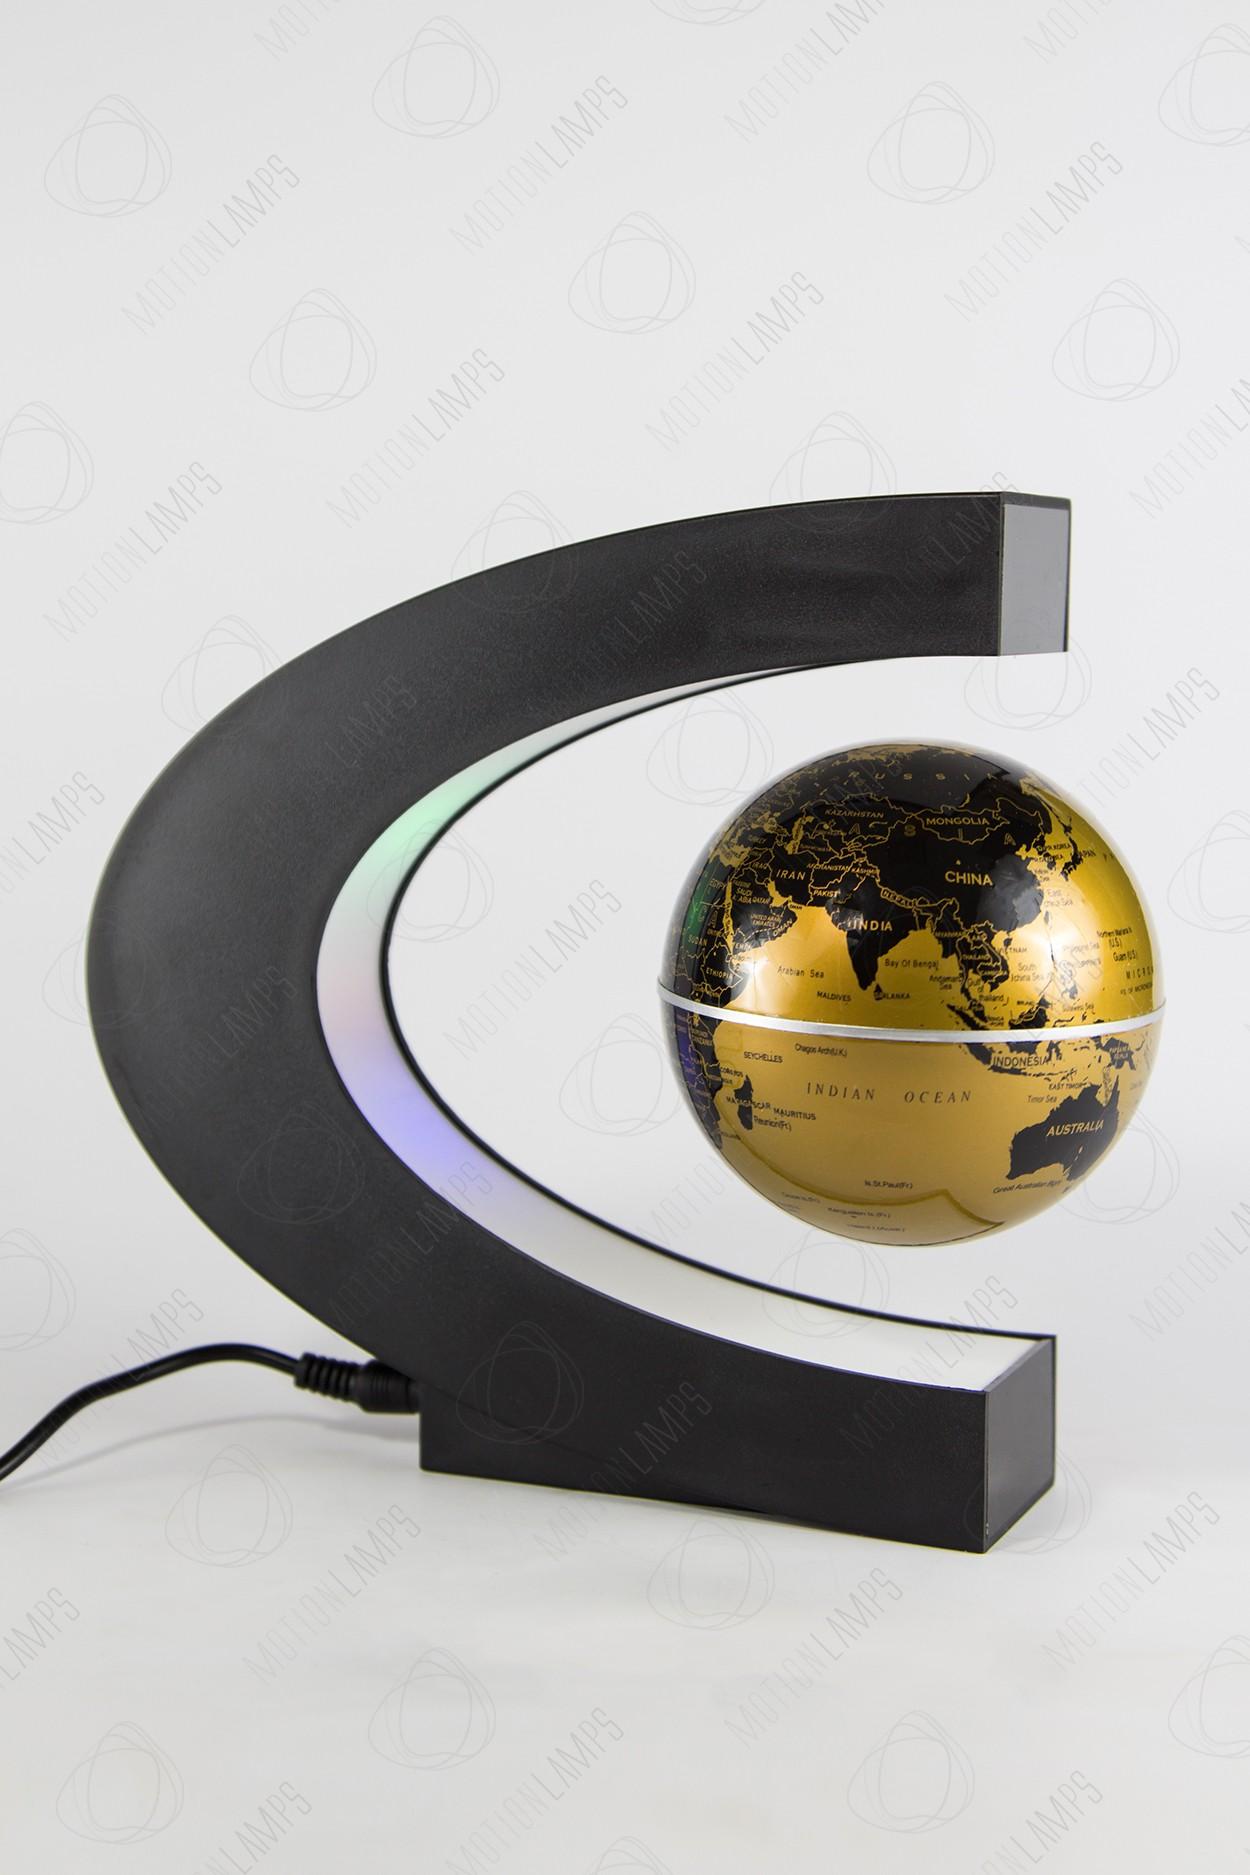 Парящий глобус с RGB-подсветкой (золотой) (D - 9см) в Ярославле